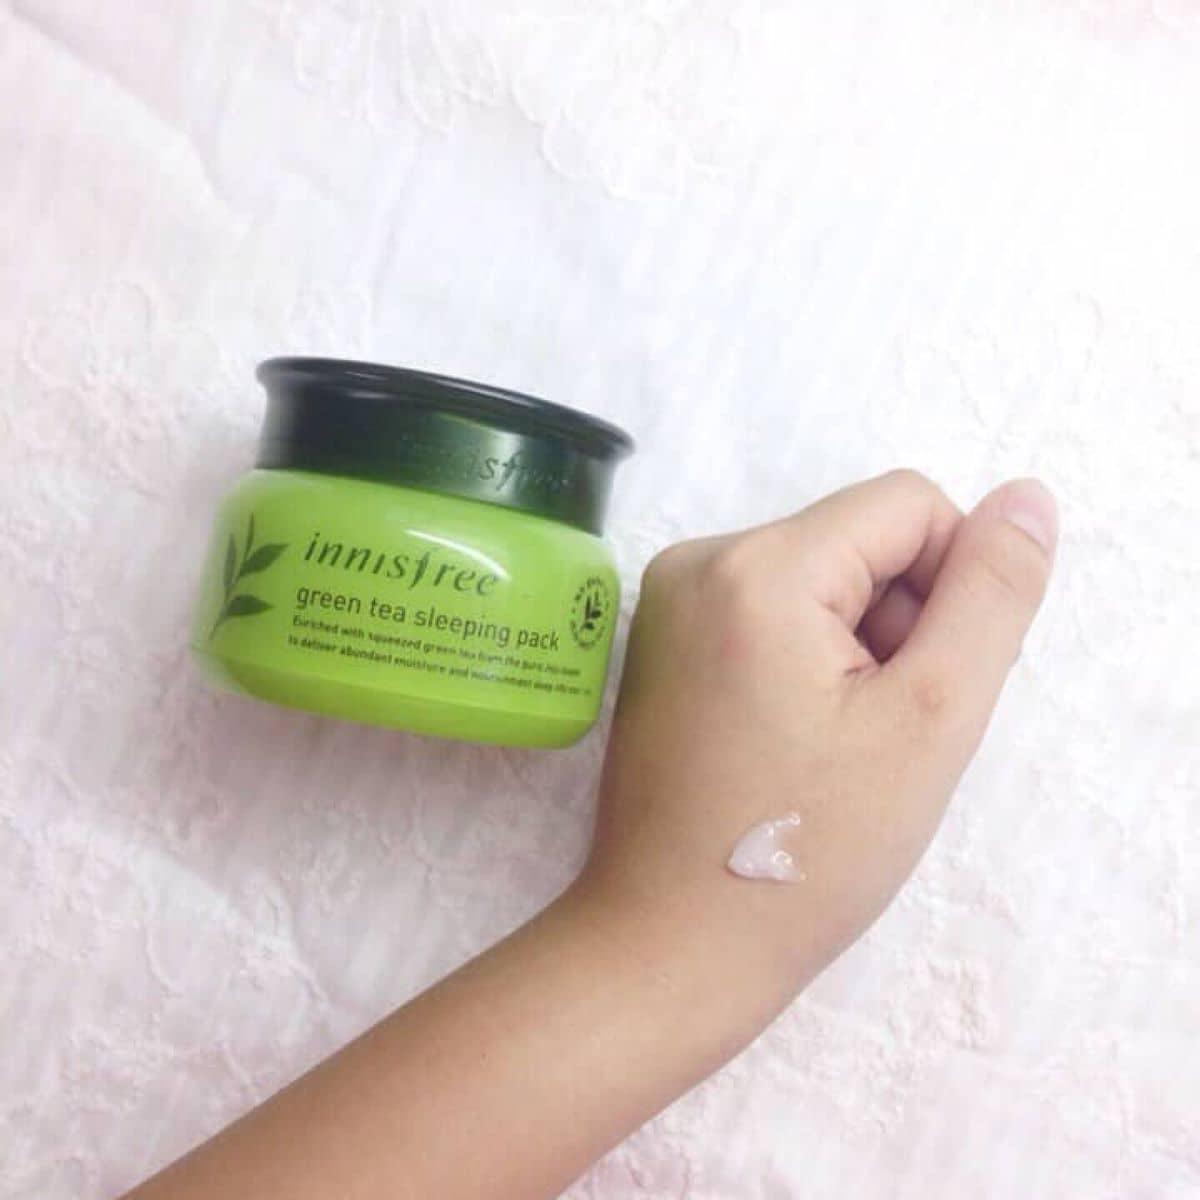 Mt N Ng Innisfree Green Tea Sleeping Pack Ti Bieostore Instagram Ca Phng Anh Lozi